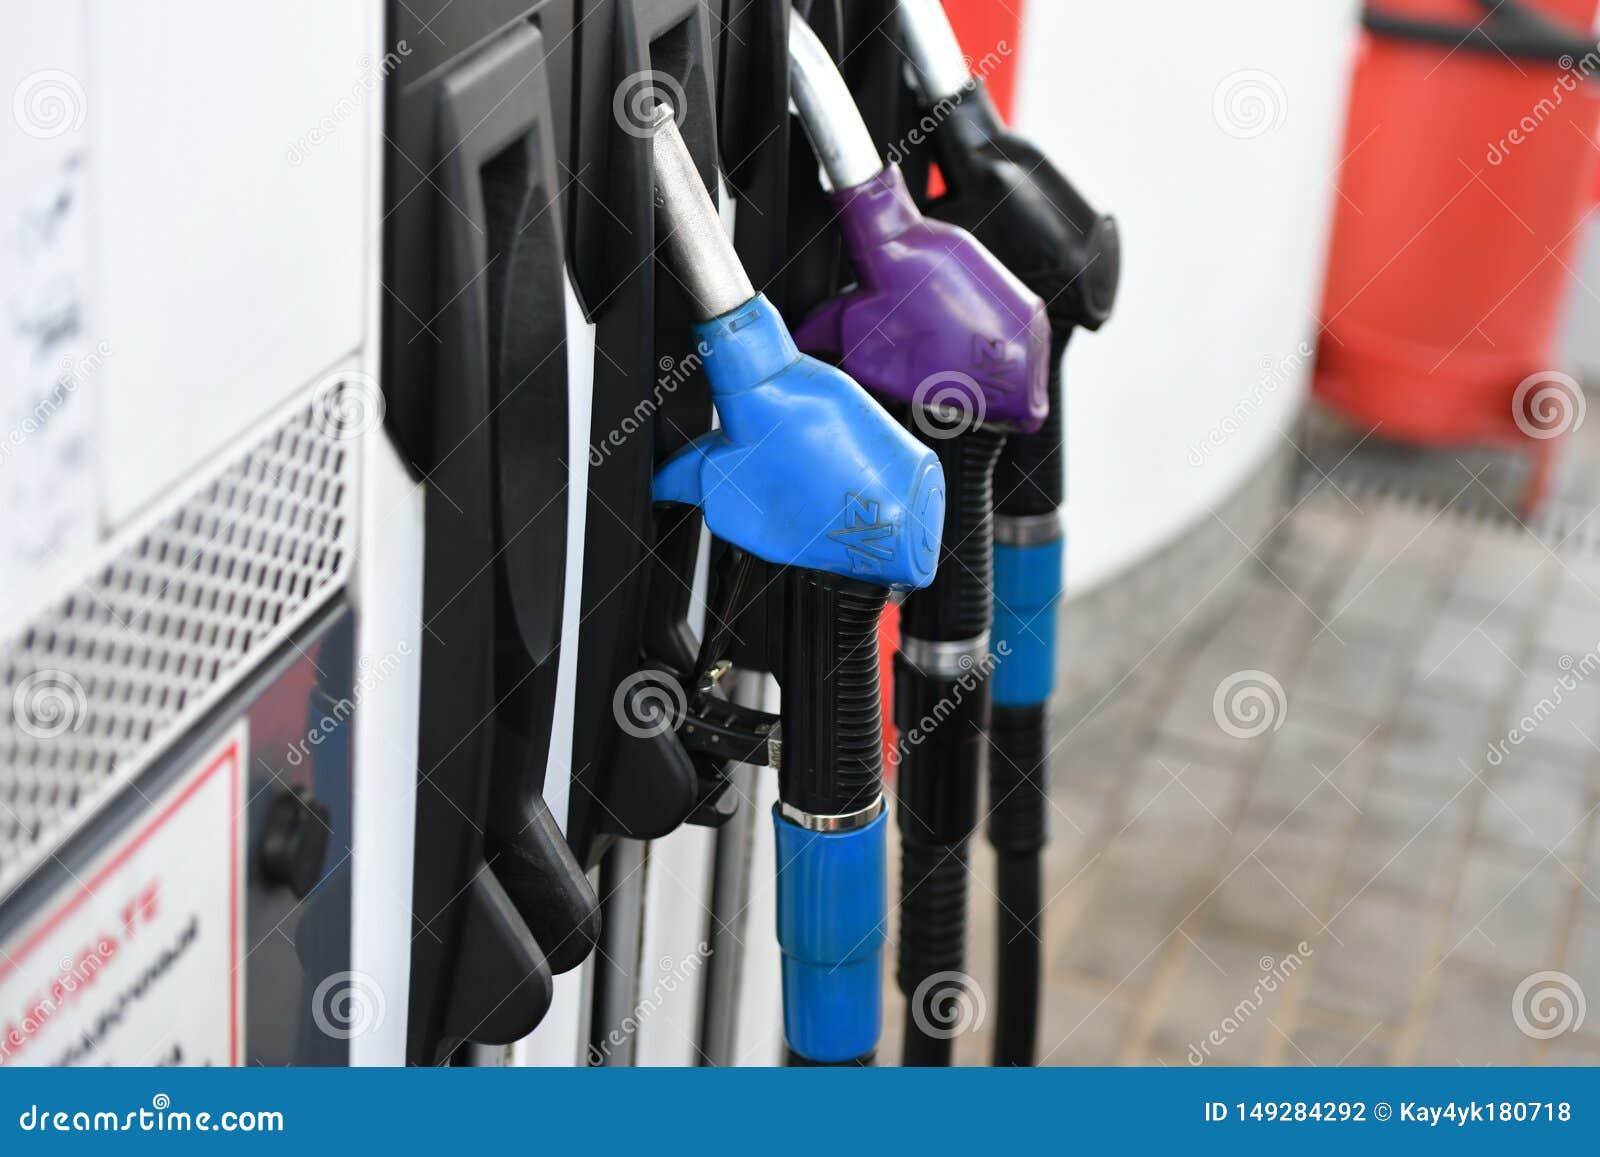 加油的不同颜色 枪气体不同颜色的加油站